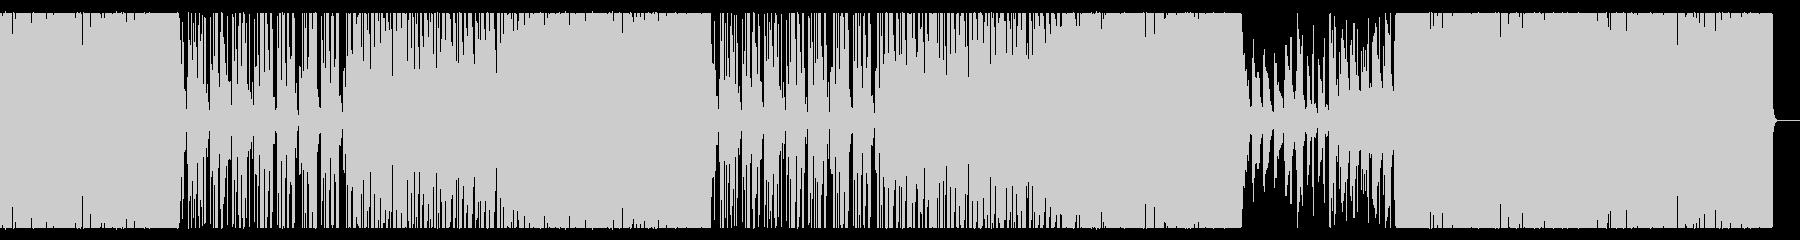 可愛らしいジャズピアノのトラックの未再生の波形